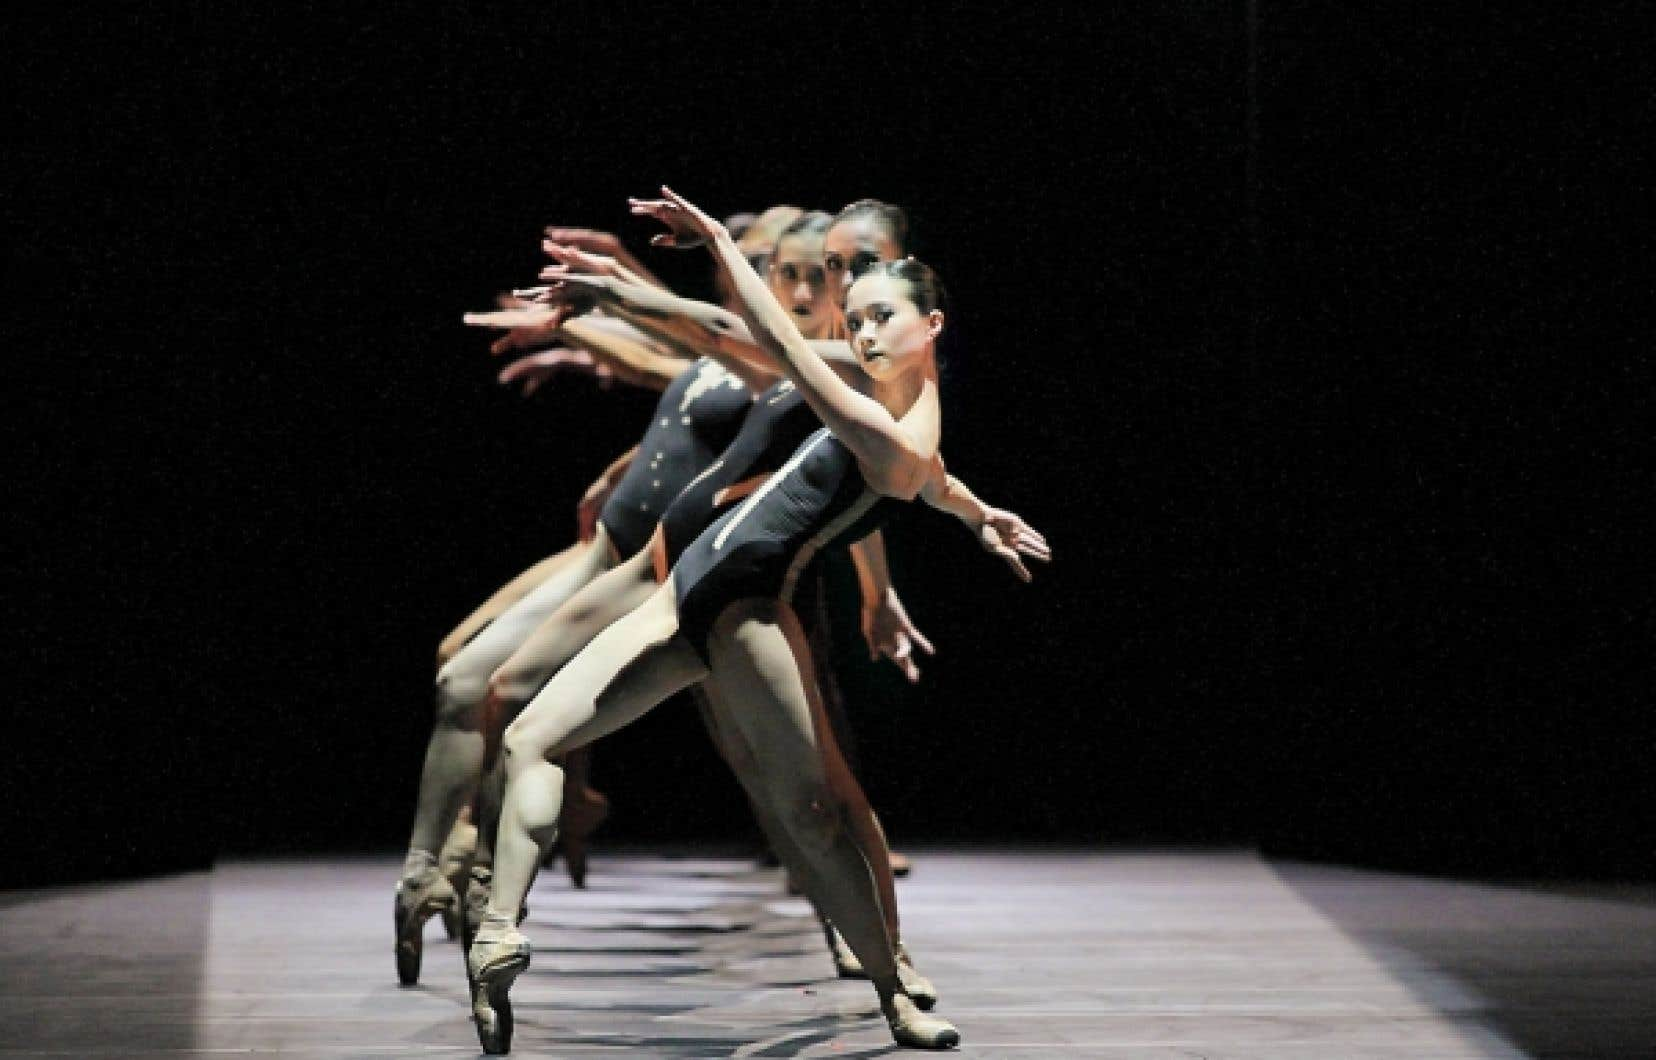 <div> Le Hong Kong Ballet, l&rsquo;un des fleurons de la danse asiatique, vient pour la premi&egrave;re fois au Qu&eacute;bec.&nbsp;</div>